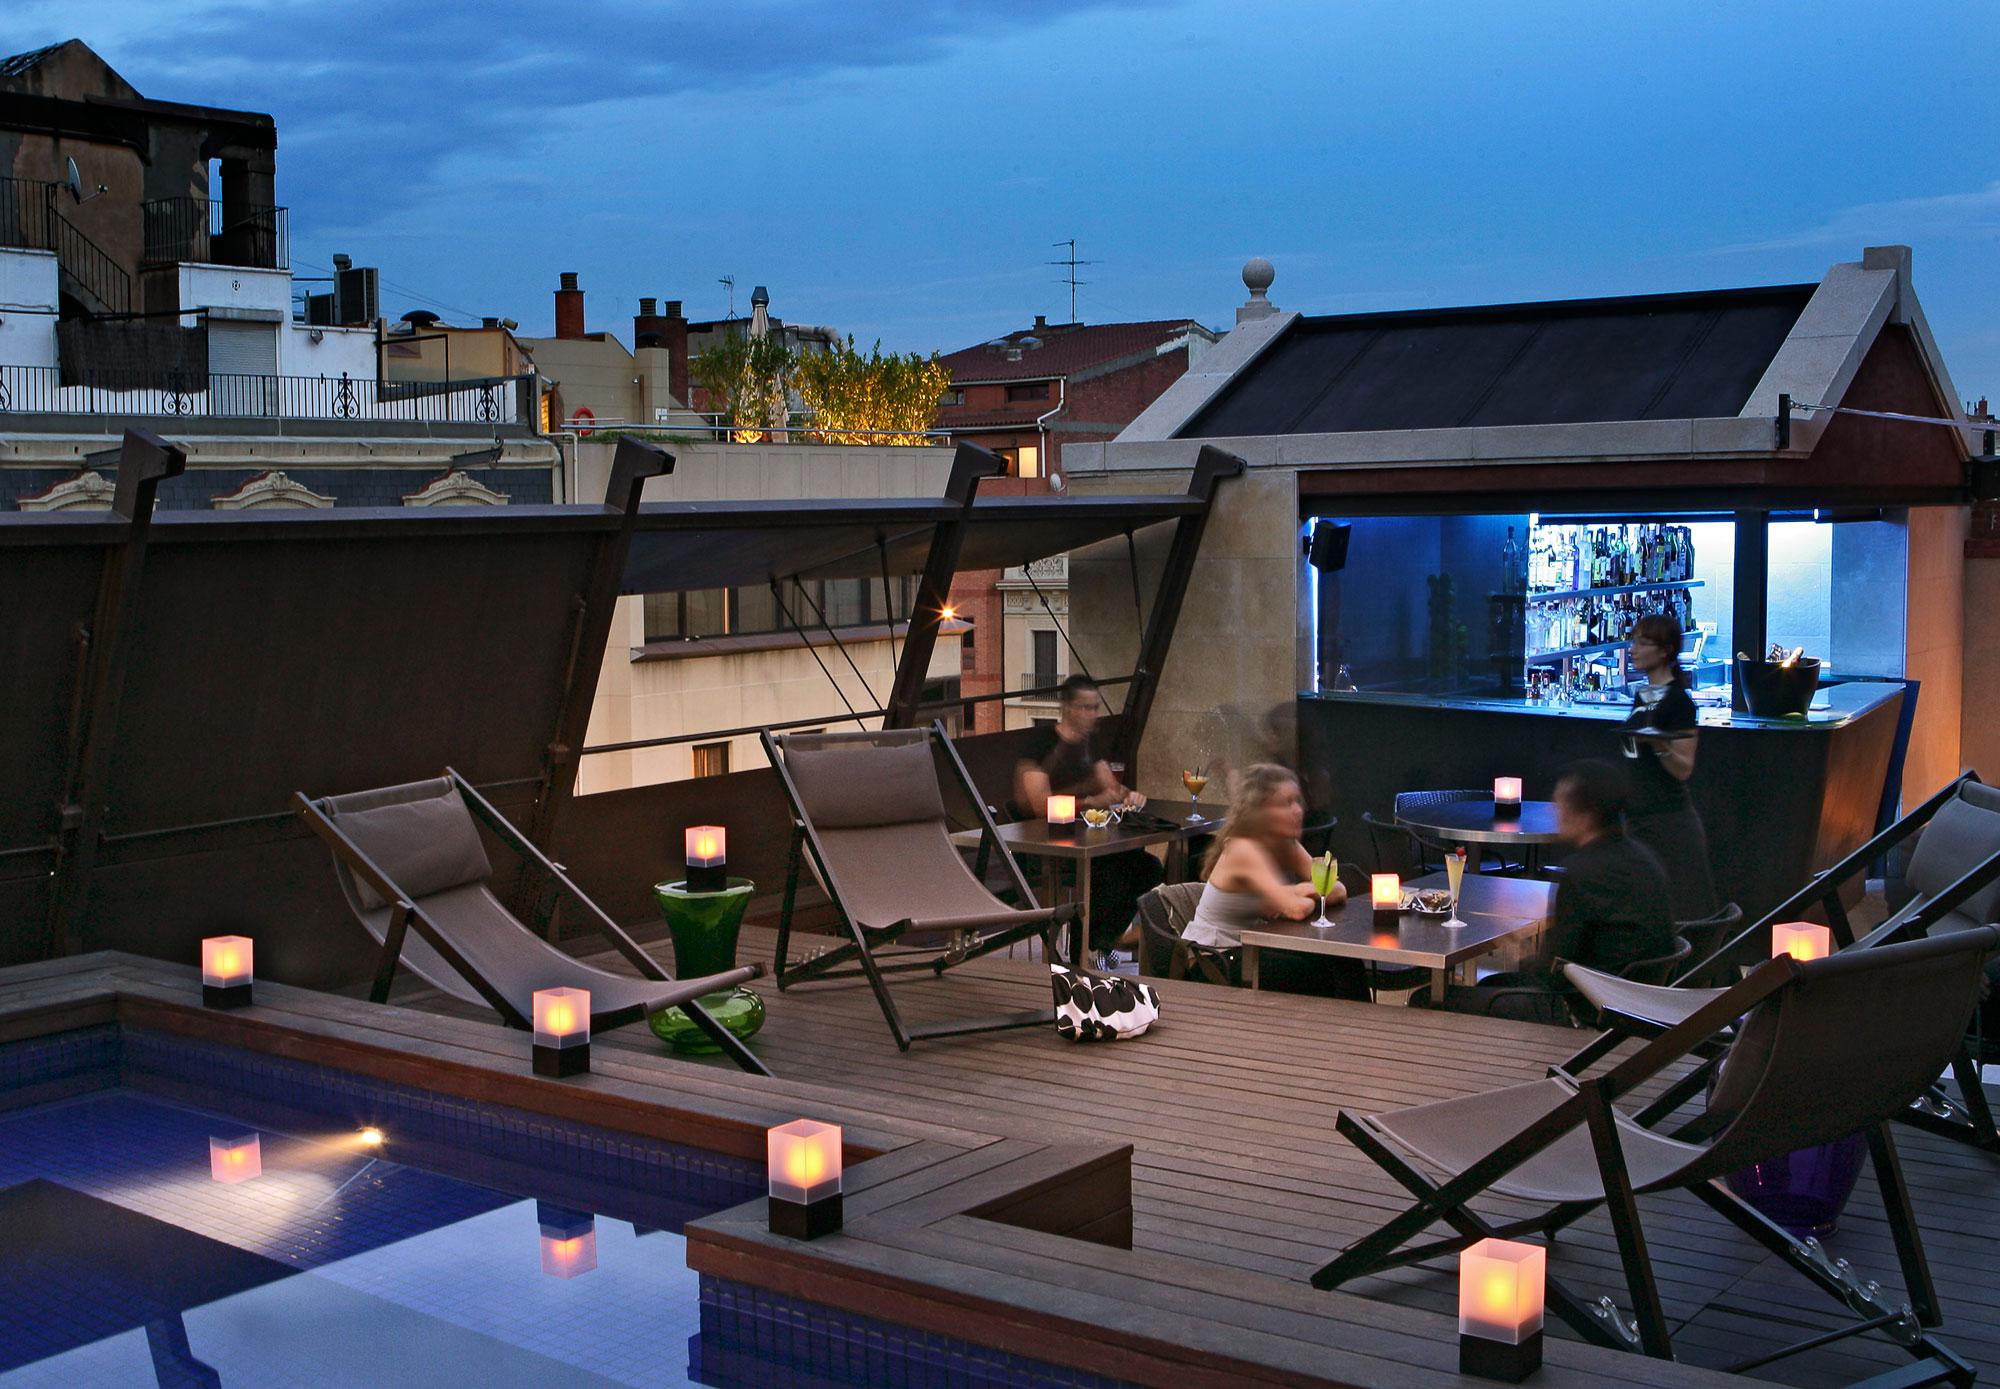 Terraces in Barcelona, Granados 83 Hotel